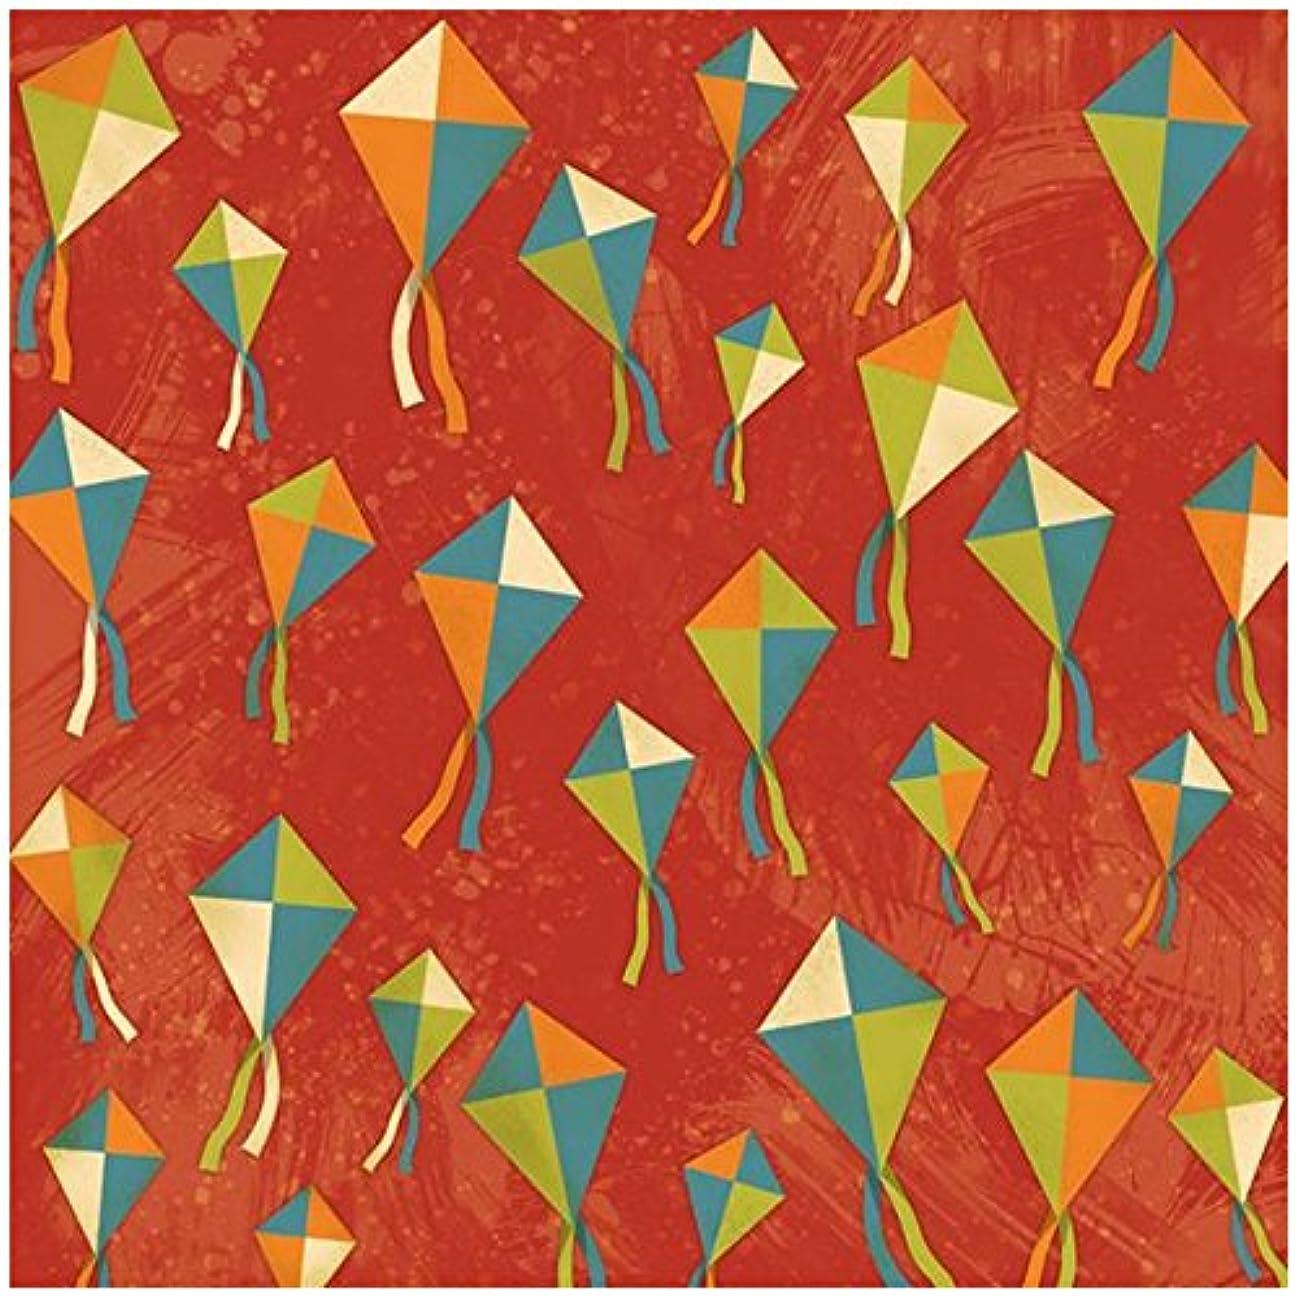 KAREN FOSTER Design Scrapbooking Paper, 25 Sheets, Kites Galore, 12 x 12